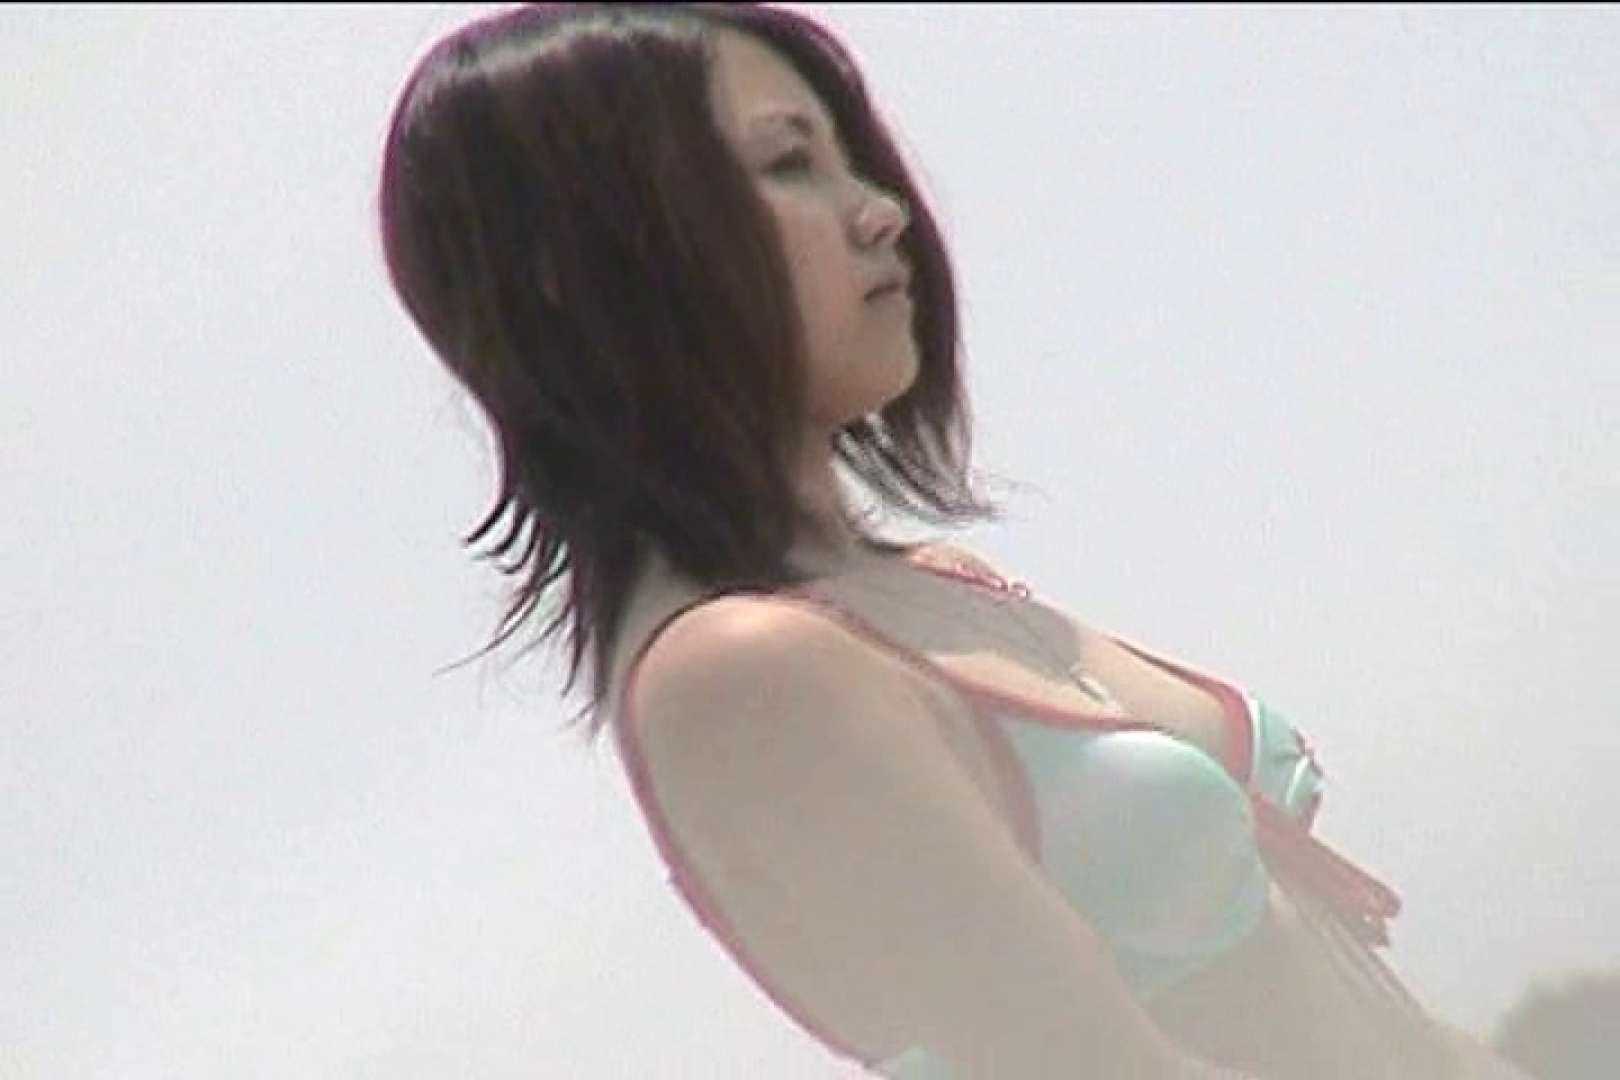 水着GALs THE 凝視Vol.2 美女OL オマンコ無修正動画無料 87連発 18